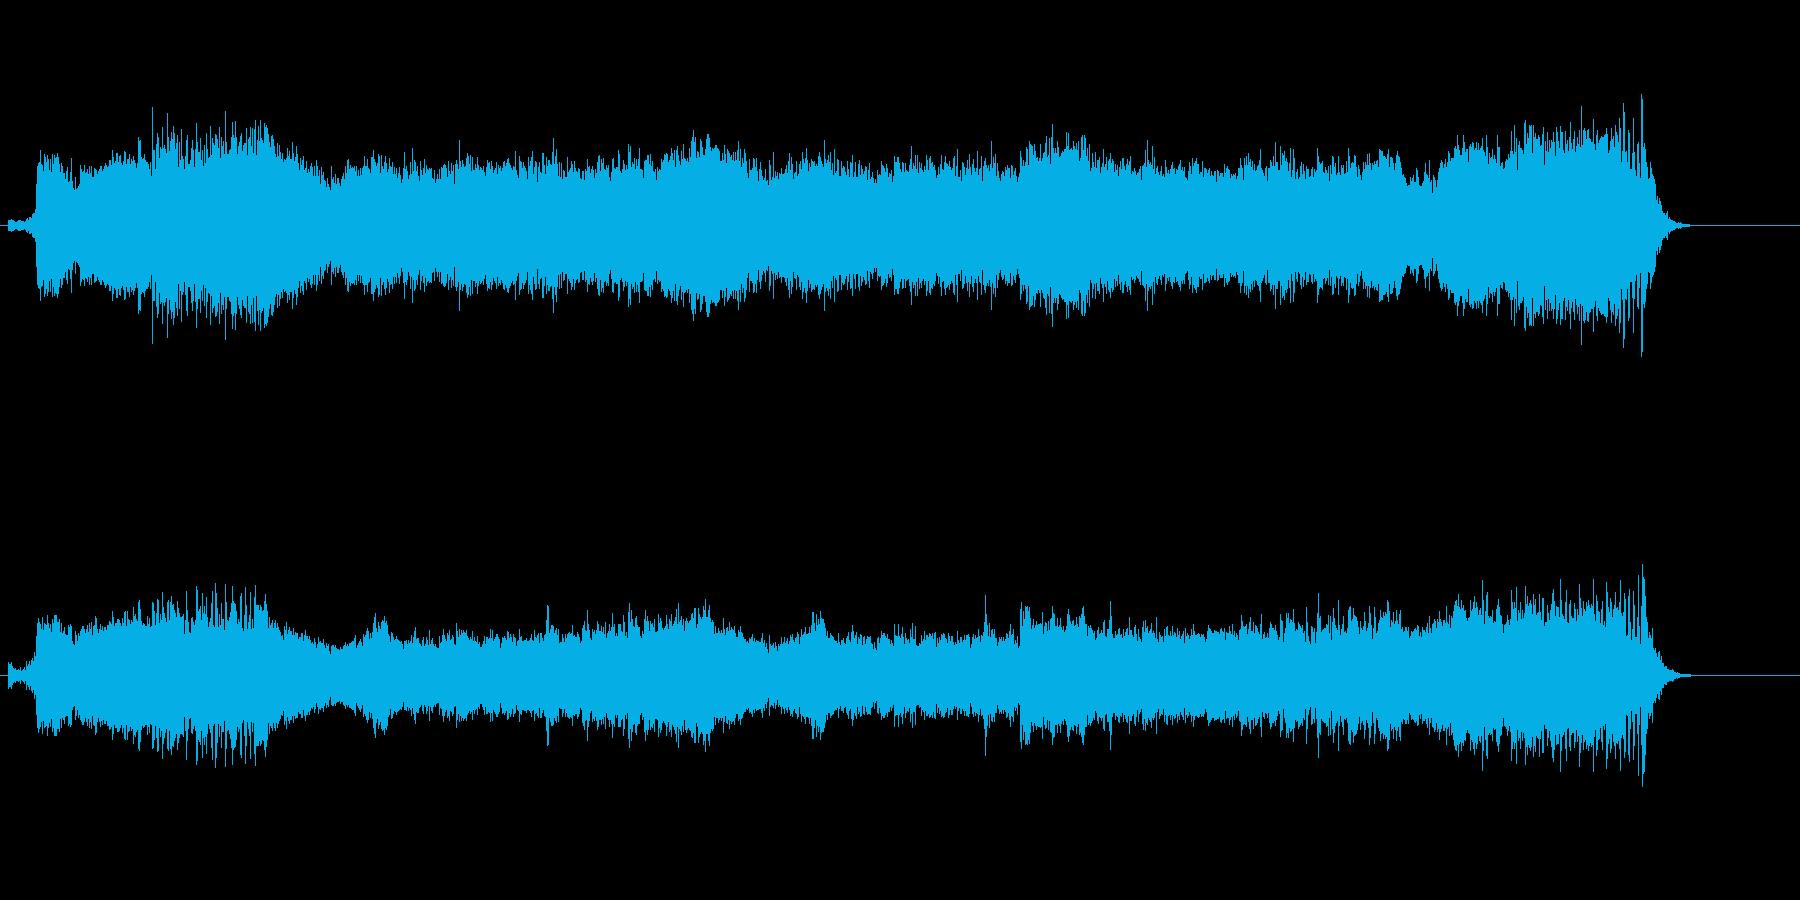 ドラマチックな展開のミュージカル風の再生済みの波形